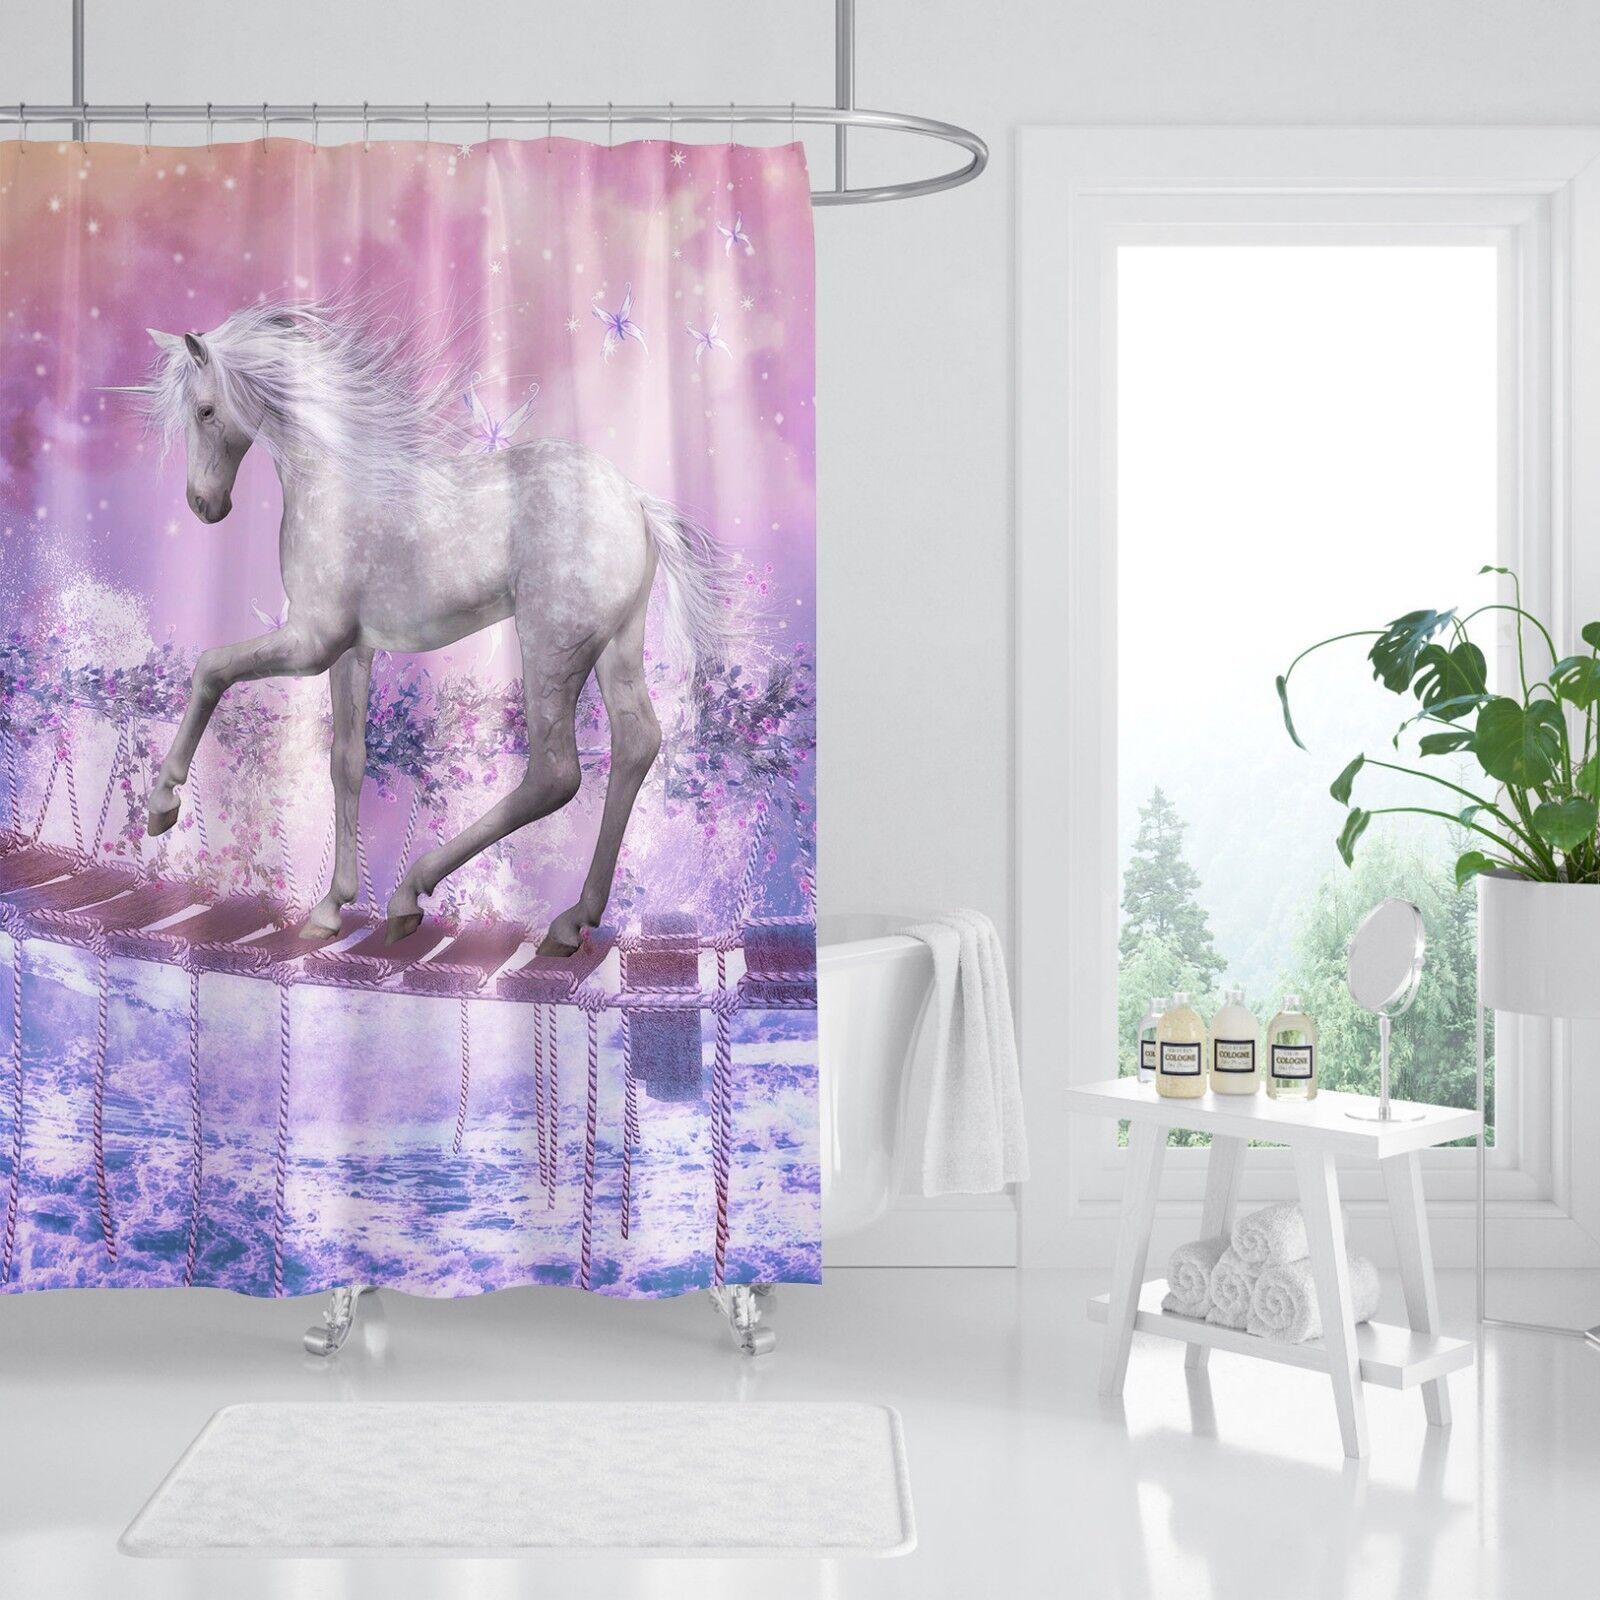 Shower Curtains 3d Meer Wellen 8 Duschvorhang Wasserdicht Faser Bad Daheim Windows Toilette De